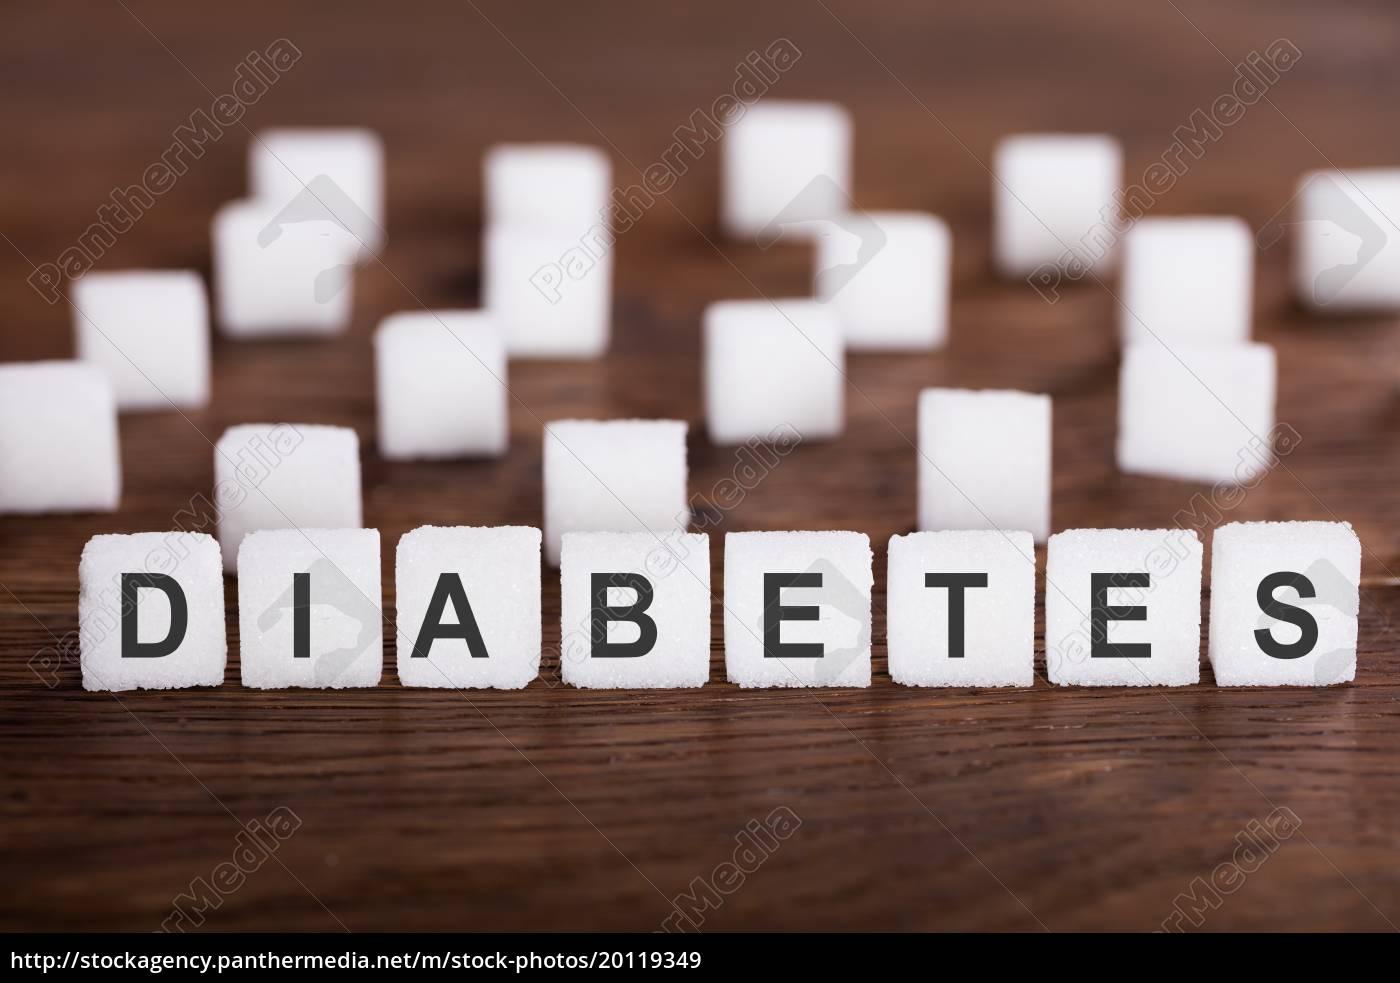 diabetes, text, on, sugar, cubes - 20119349